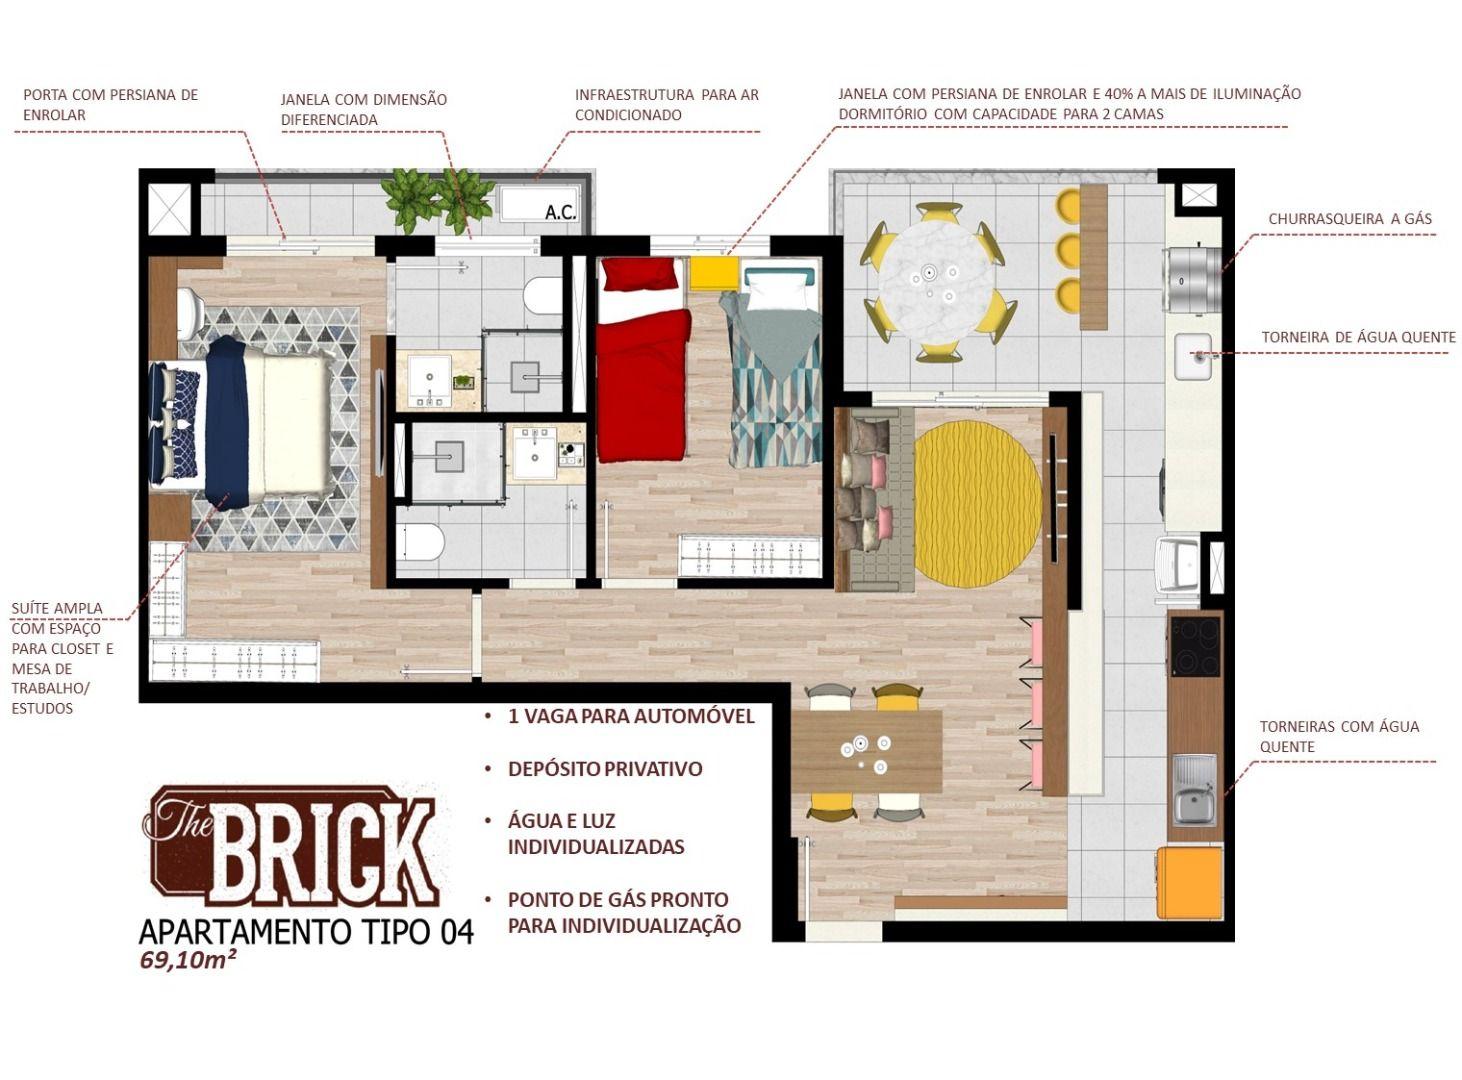 Planta do The Brick. 69 M² - 2 DORMITÓRIOS, SENDO 1 SUÍTE. Apartamentos na Vila Augusta com destaque para as amplas janelas que proporcionam até 40% a mais de iluminação.